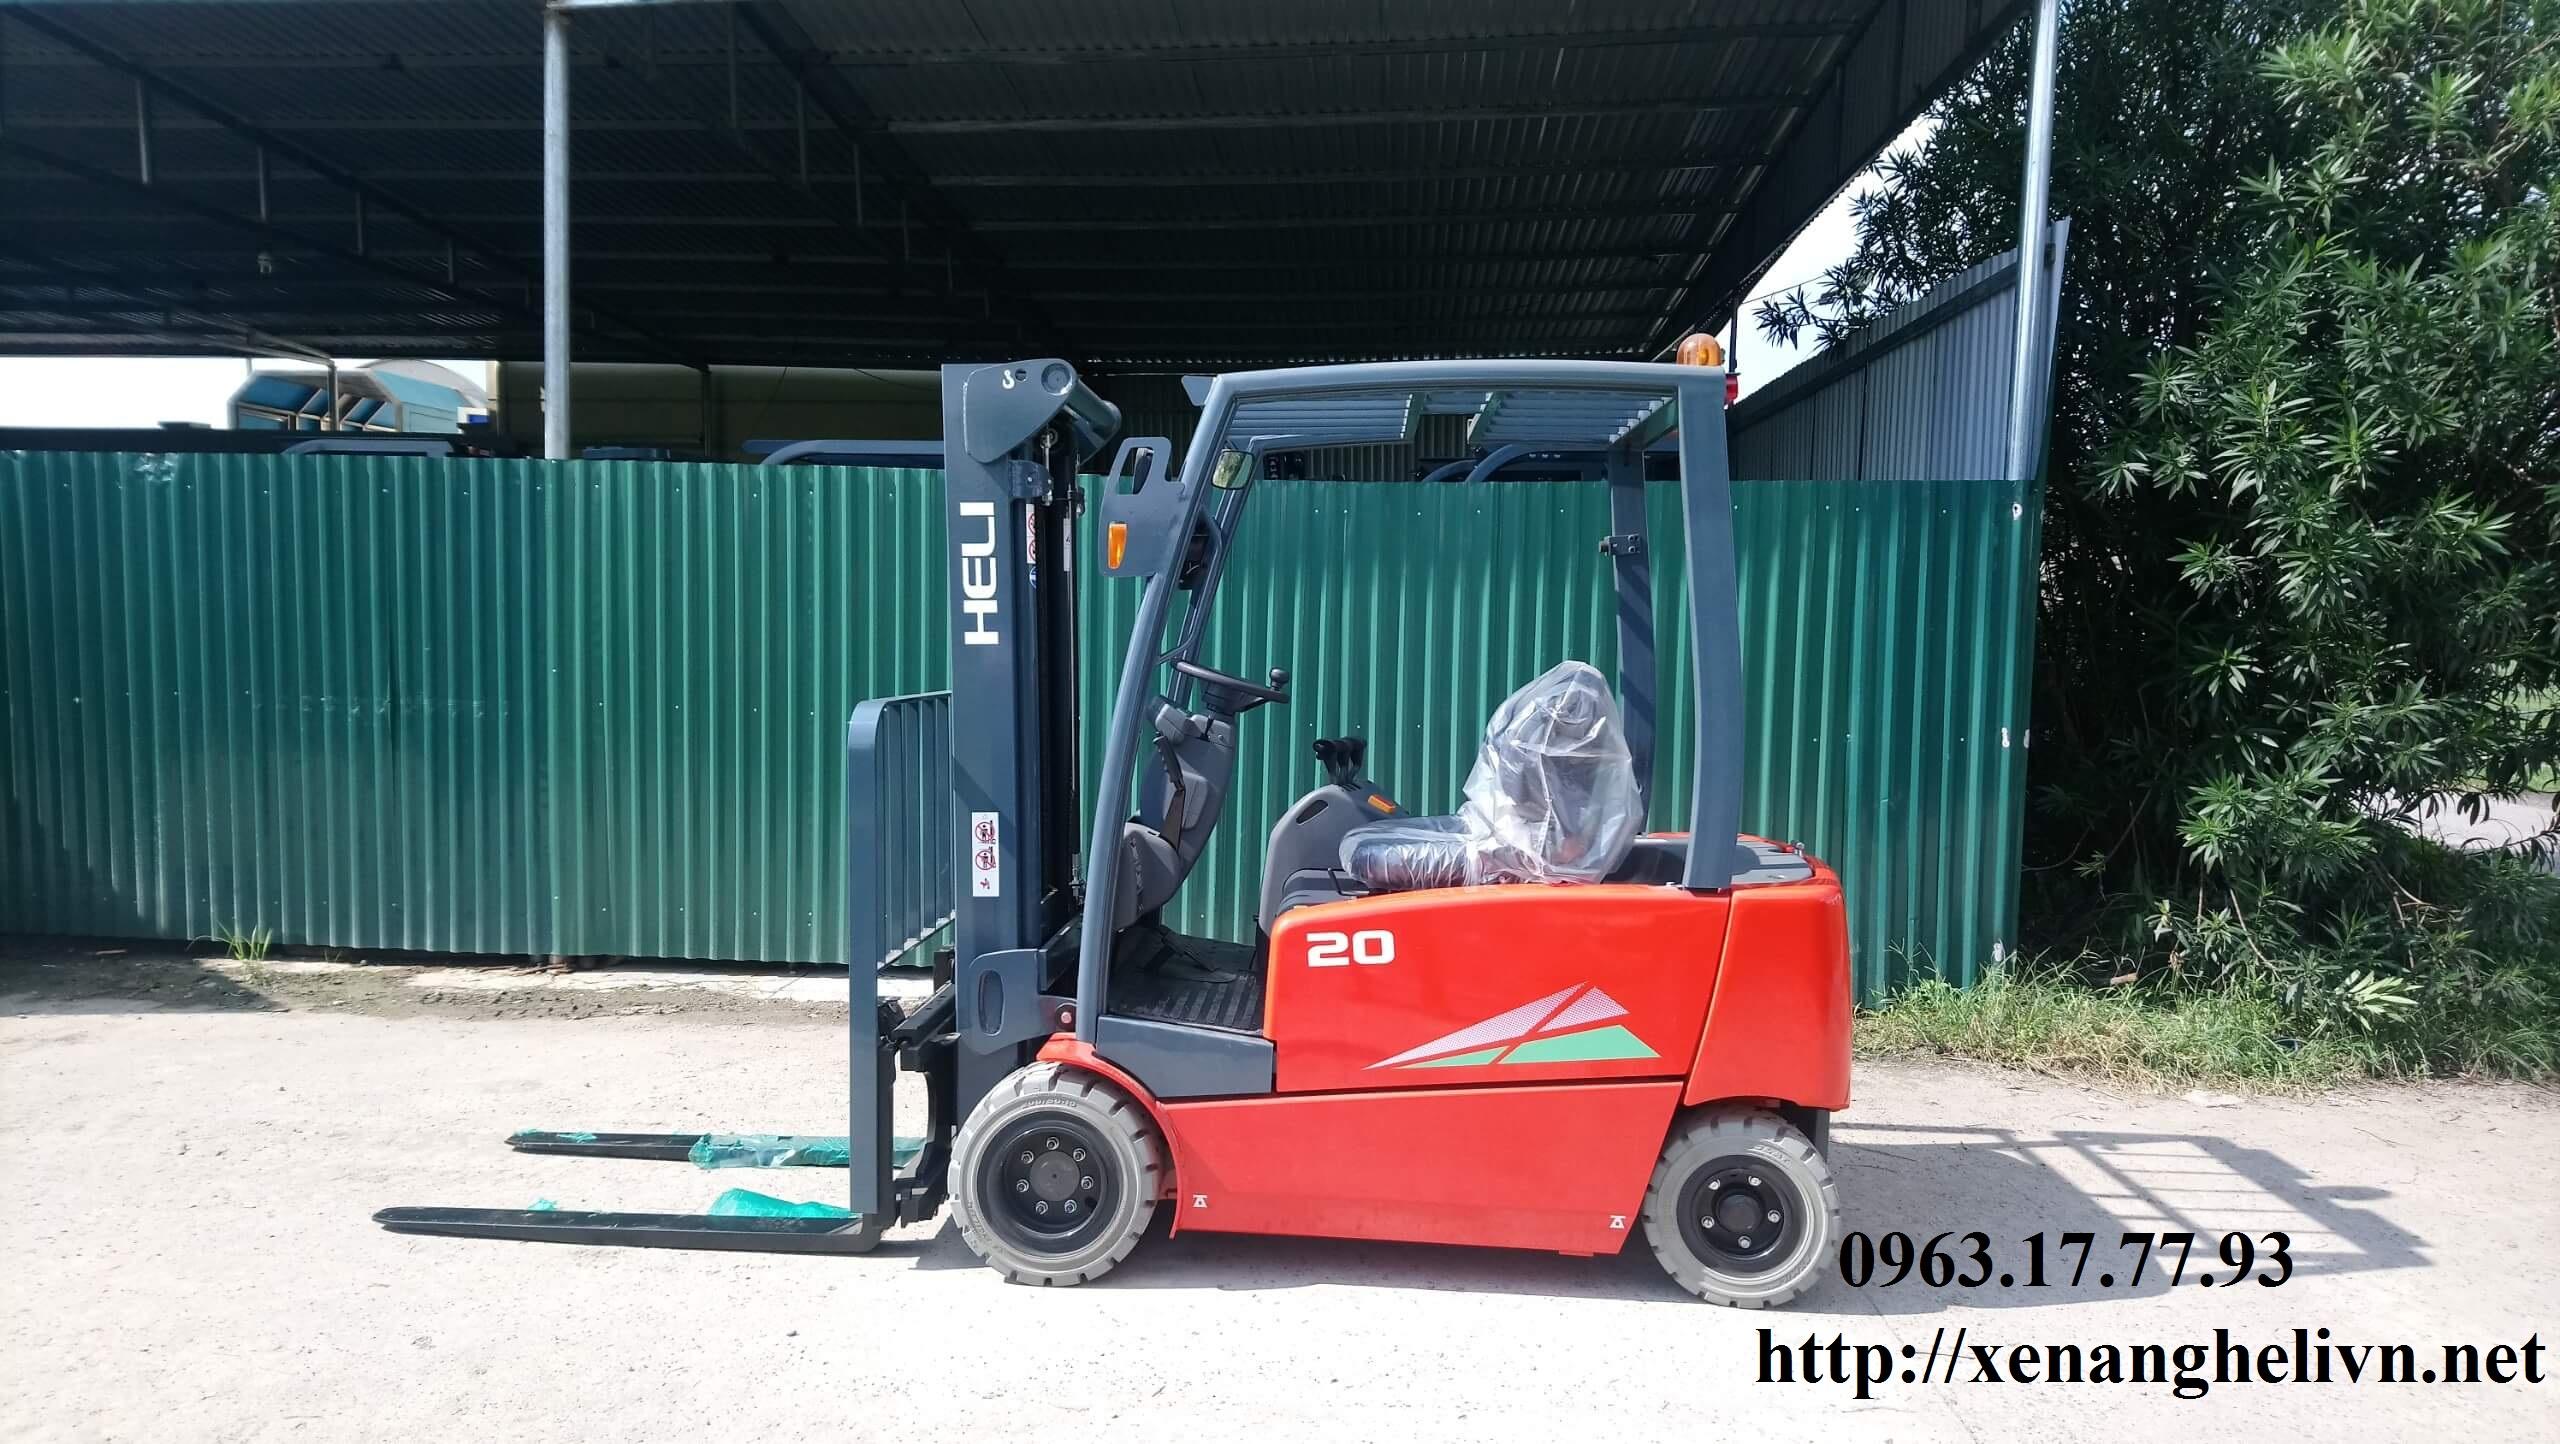 合力叉车 - 在越南独家销售合力叉车